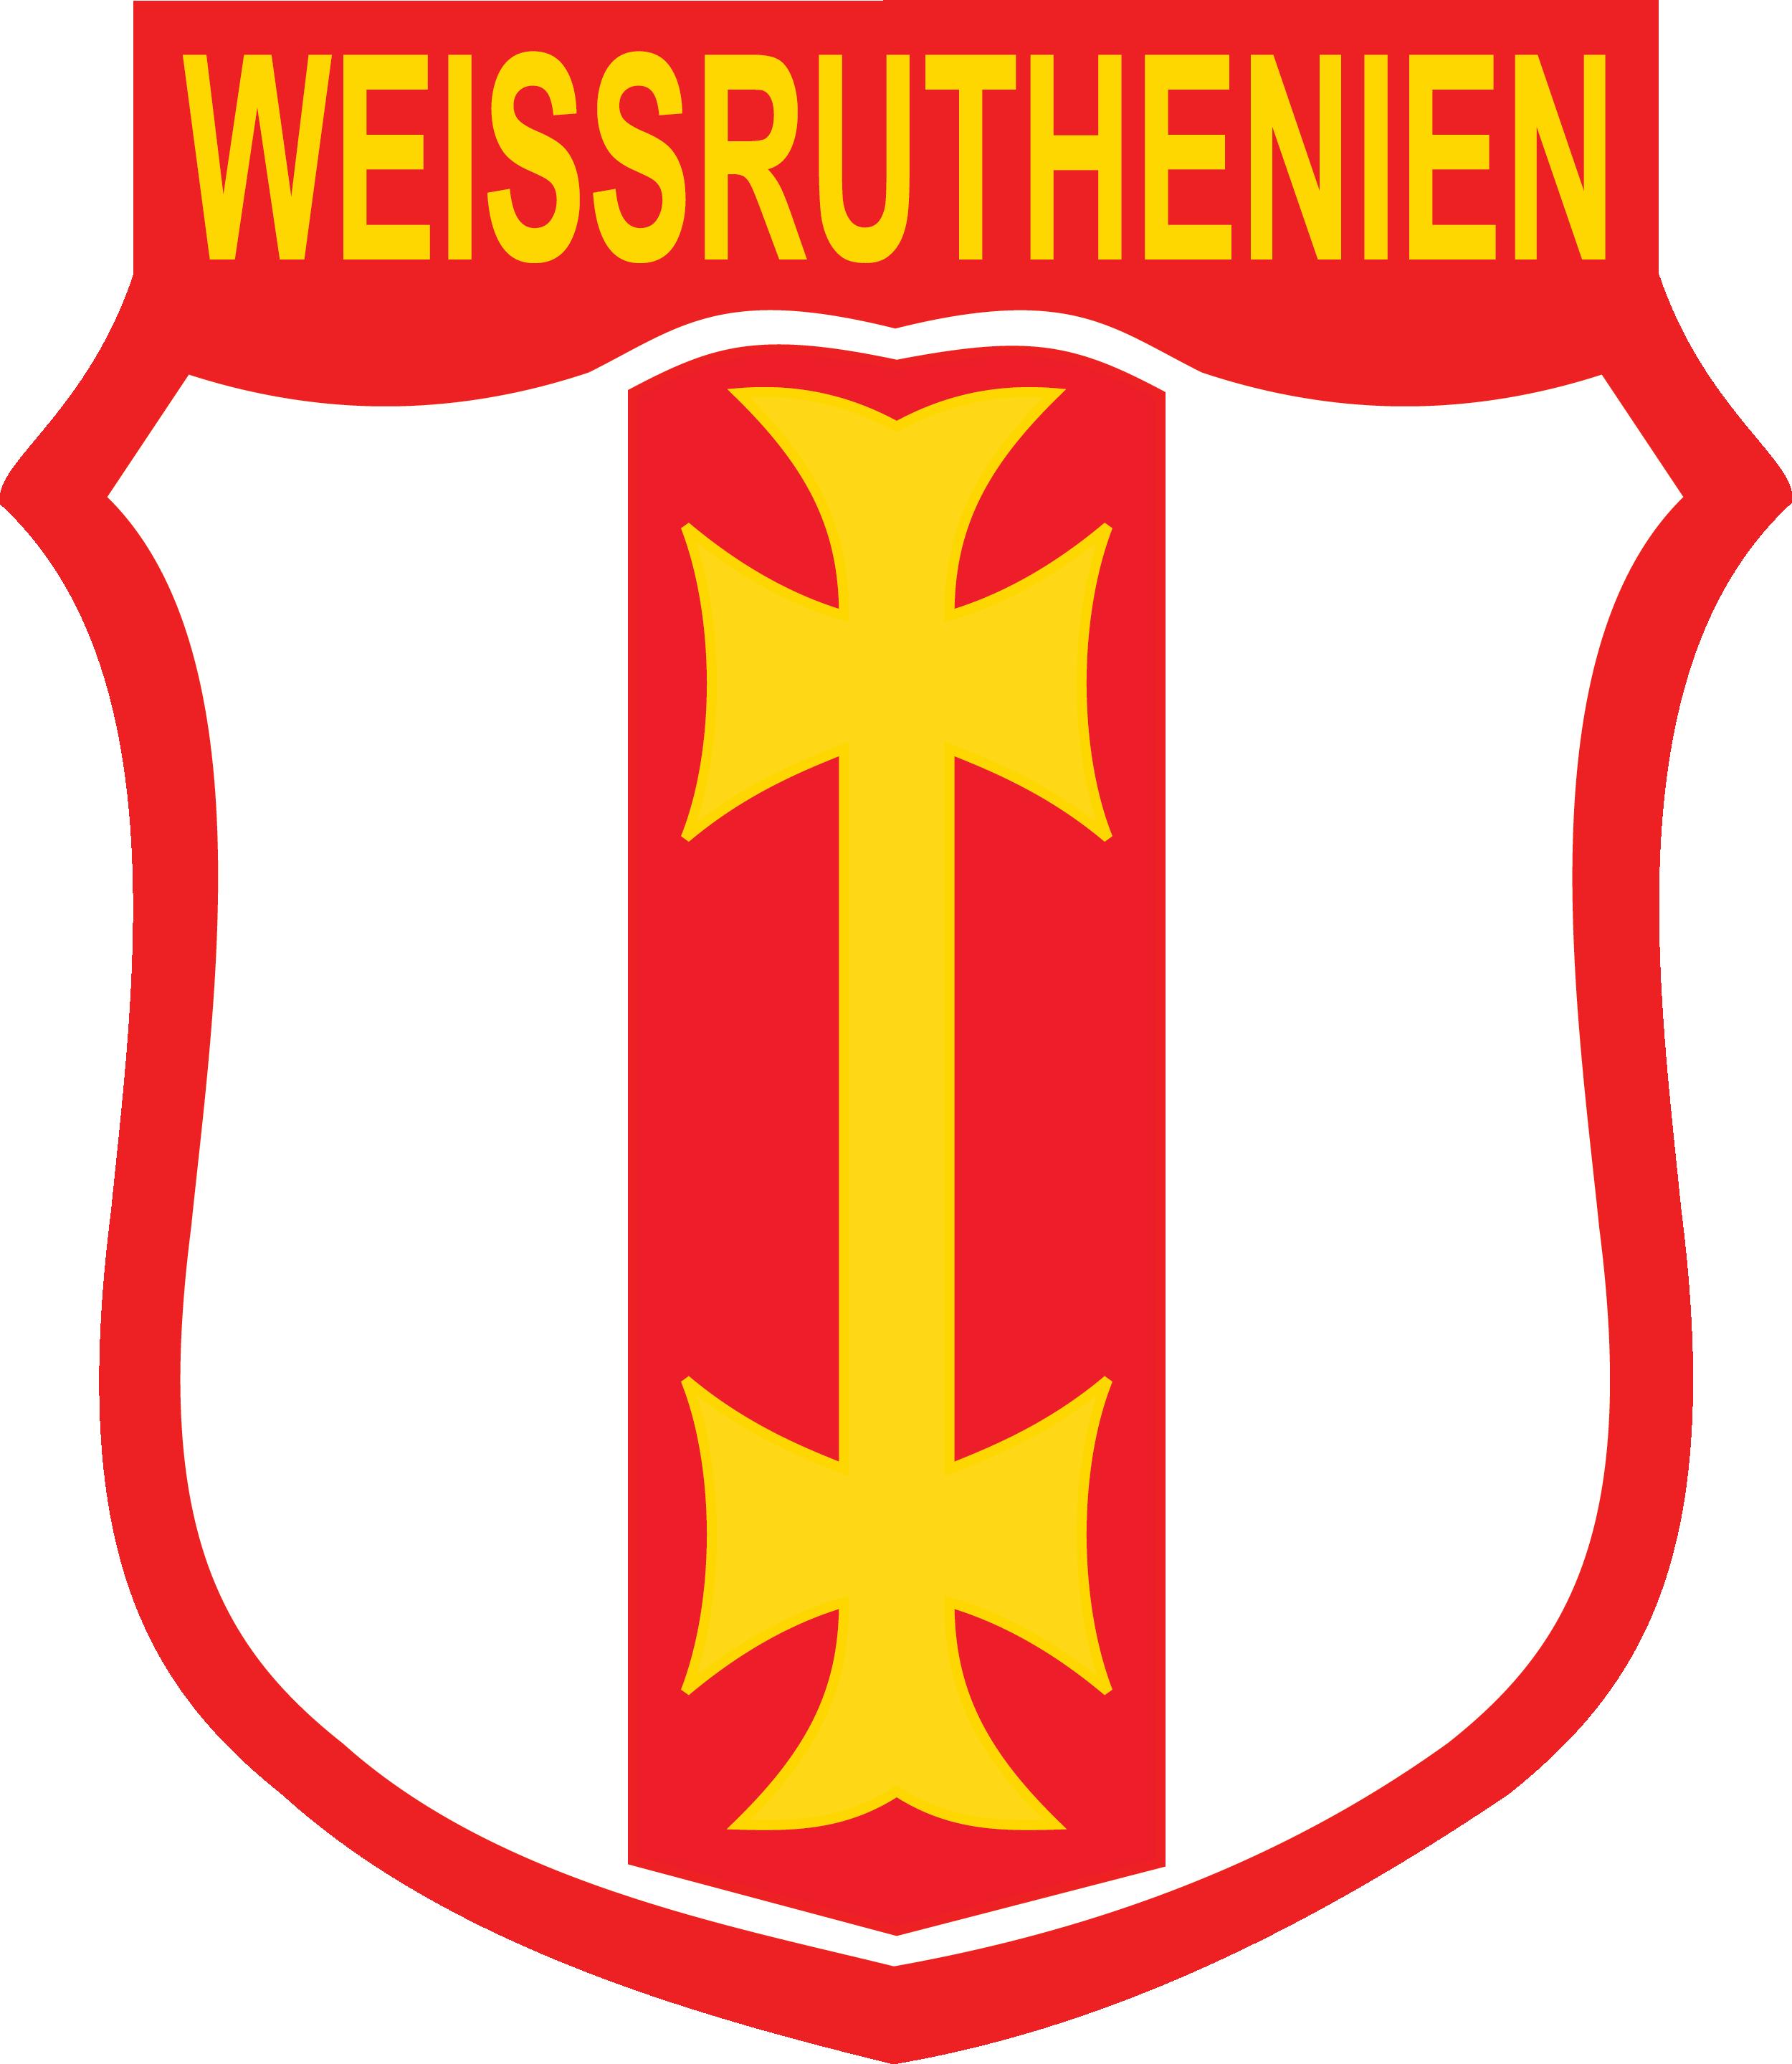 Эмблема (герб) белорусской краевой обороны